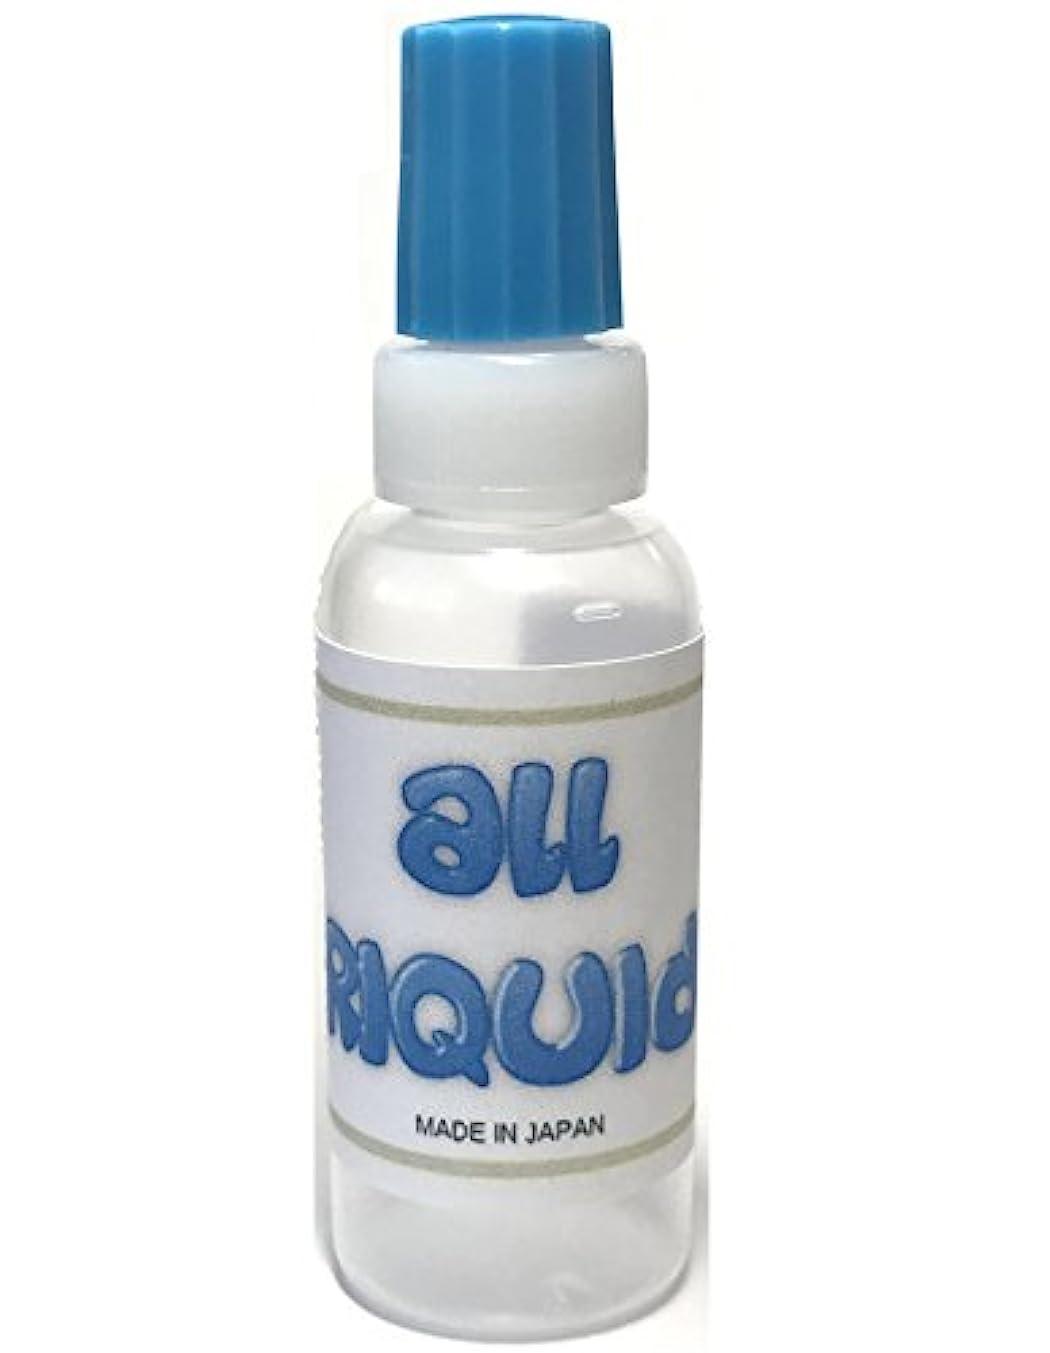 ピッチパーチナシティ聞く(ALL LIQUID) 国産 バニラ アロマオイル エッセンシャルオイル 20ml 大容量 ボトル容器